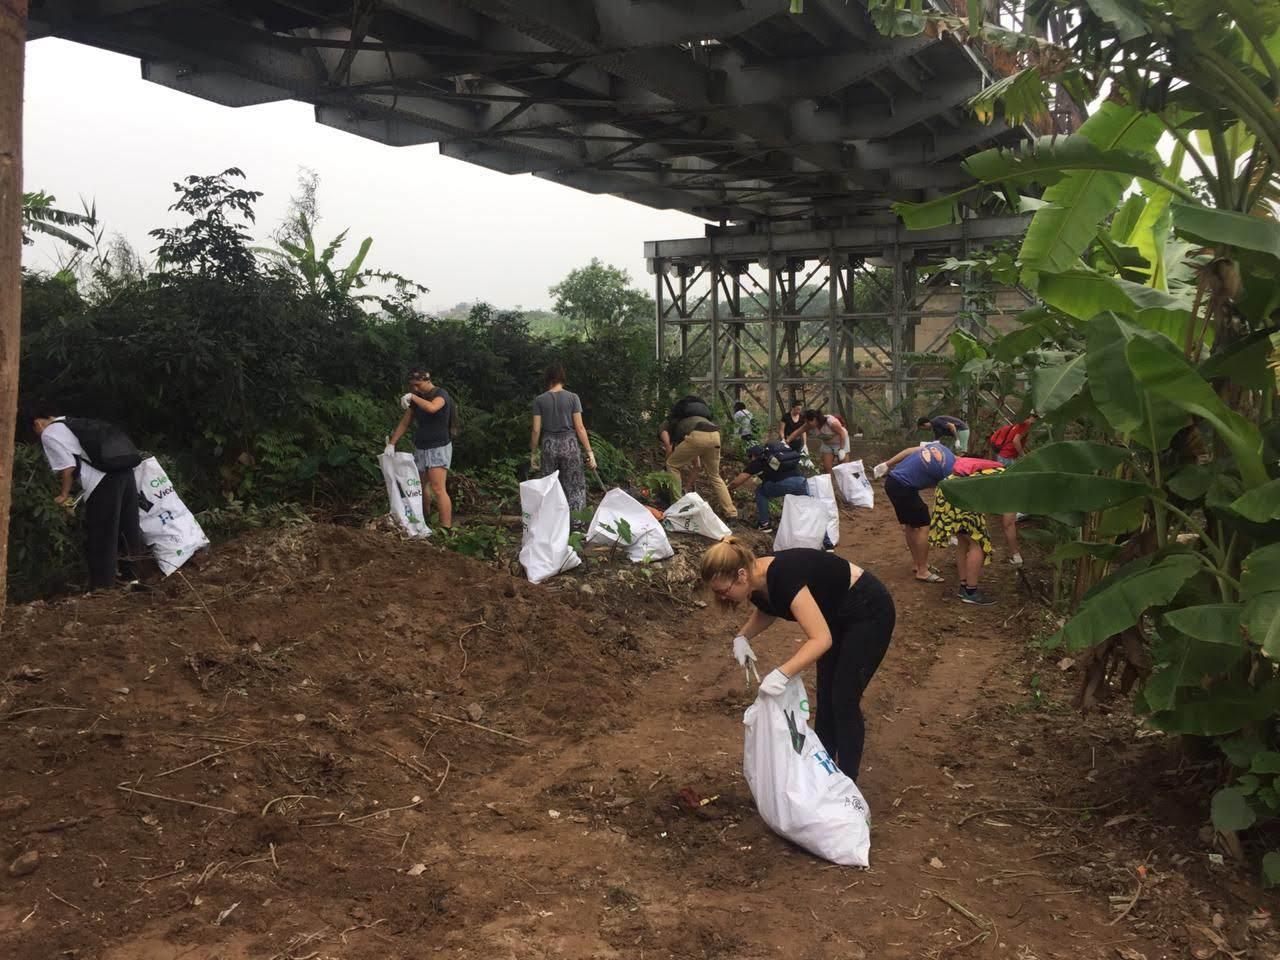 Trả lại màu xanh cho Đảo chuối (14/5/2019)